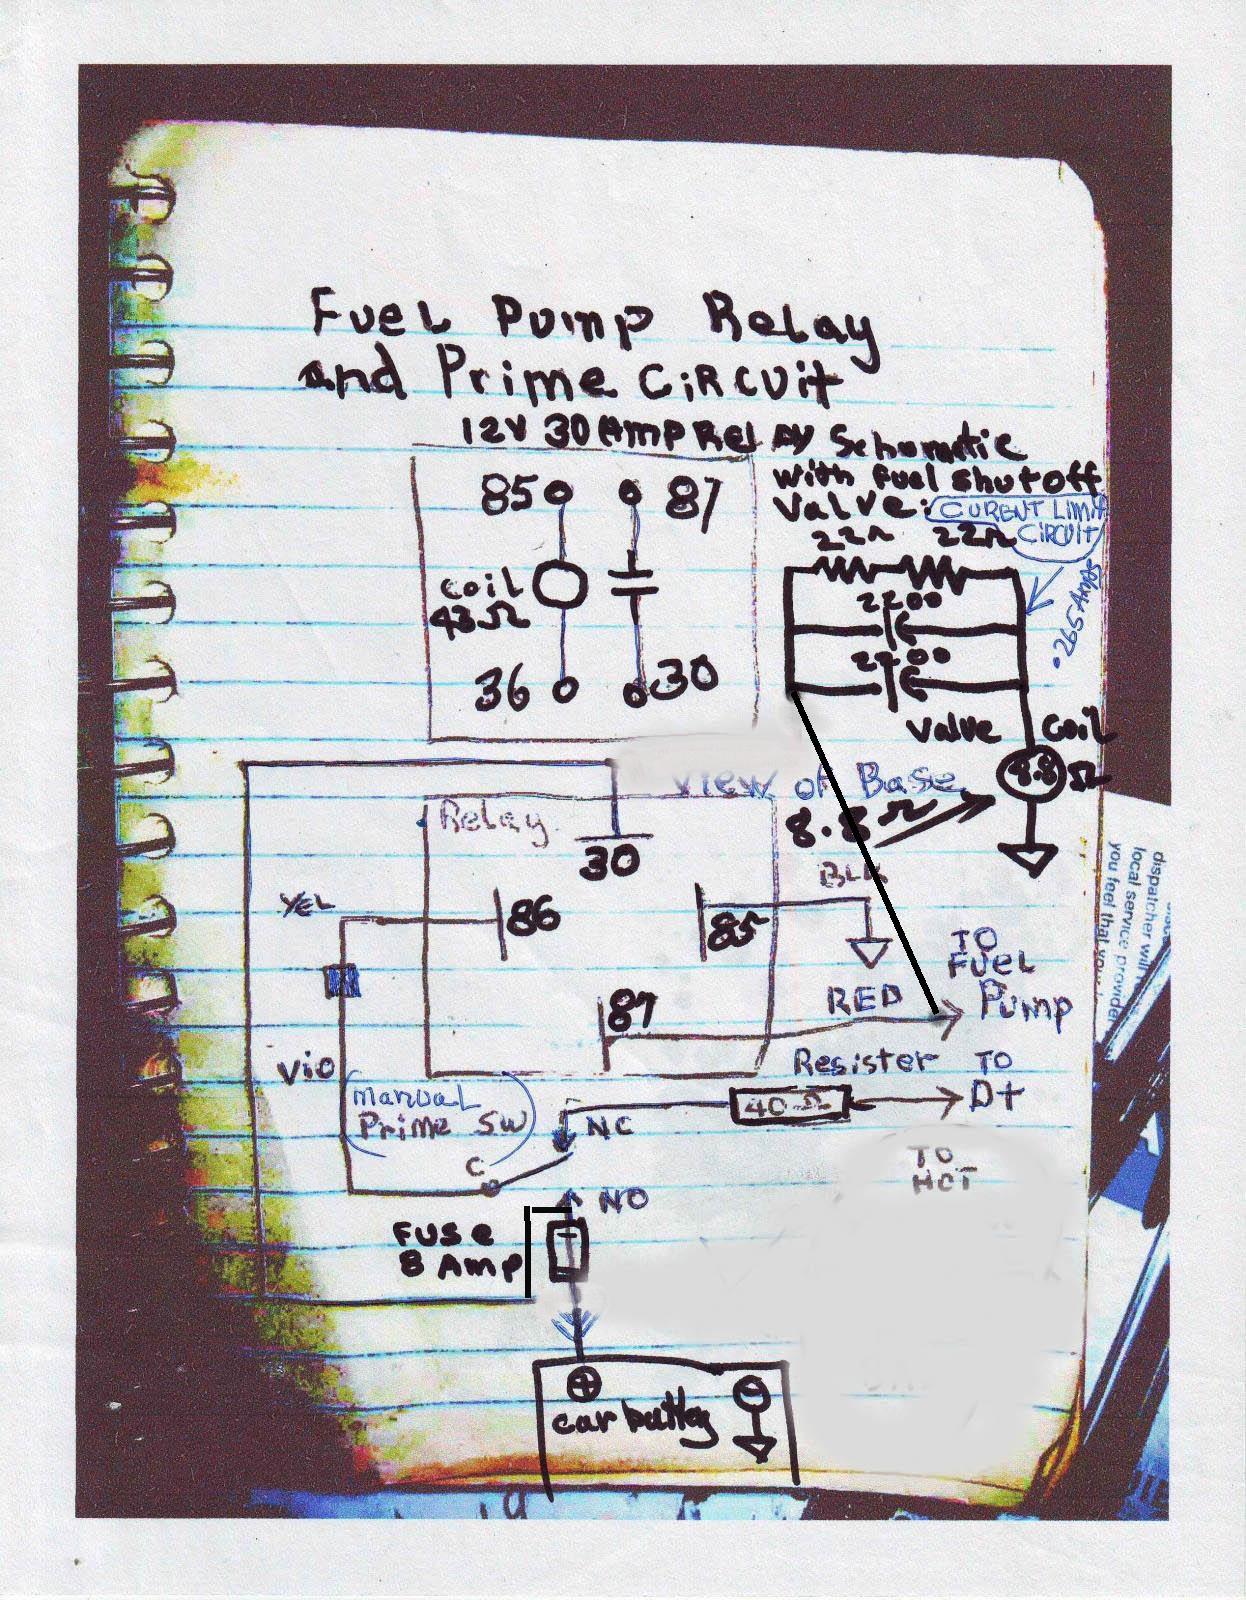 Fuel Pump wiring with Shutoff Valve update